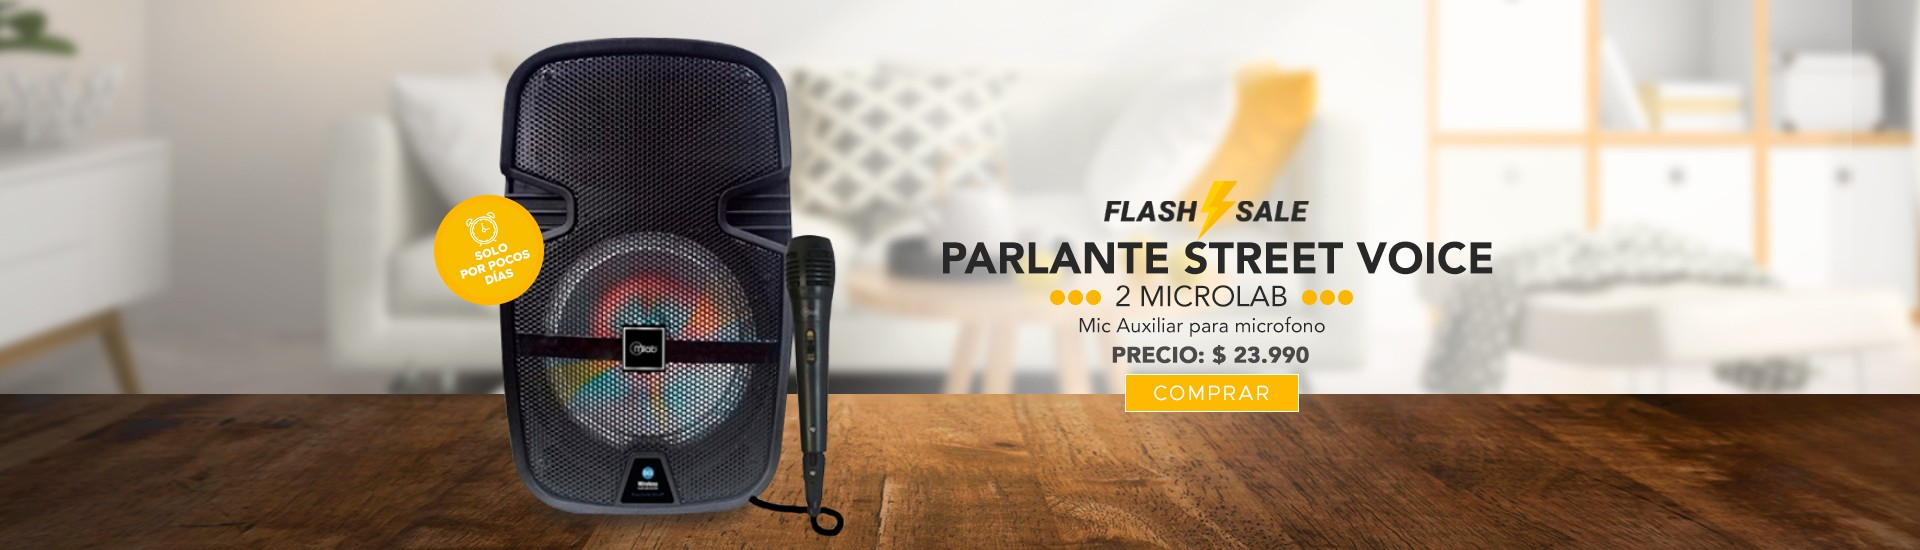 Parlante Street Voice 2 Microlab en El Container